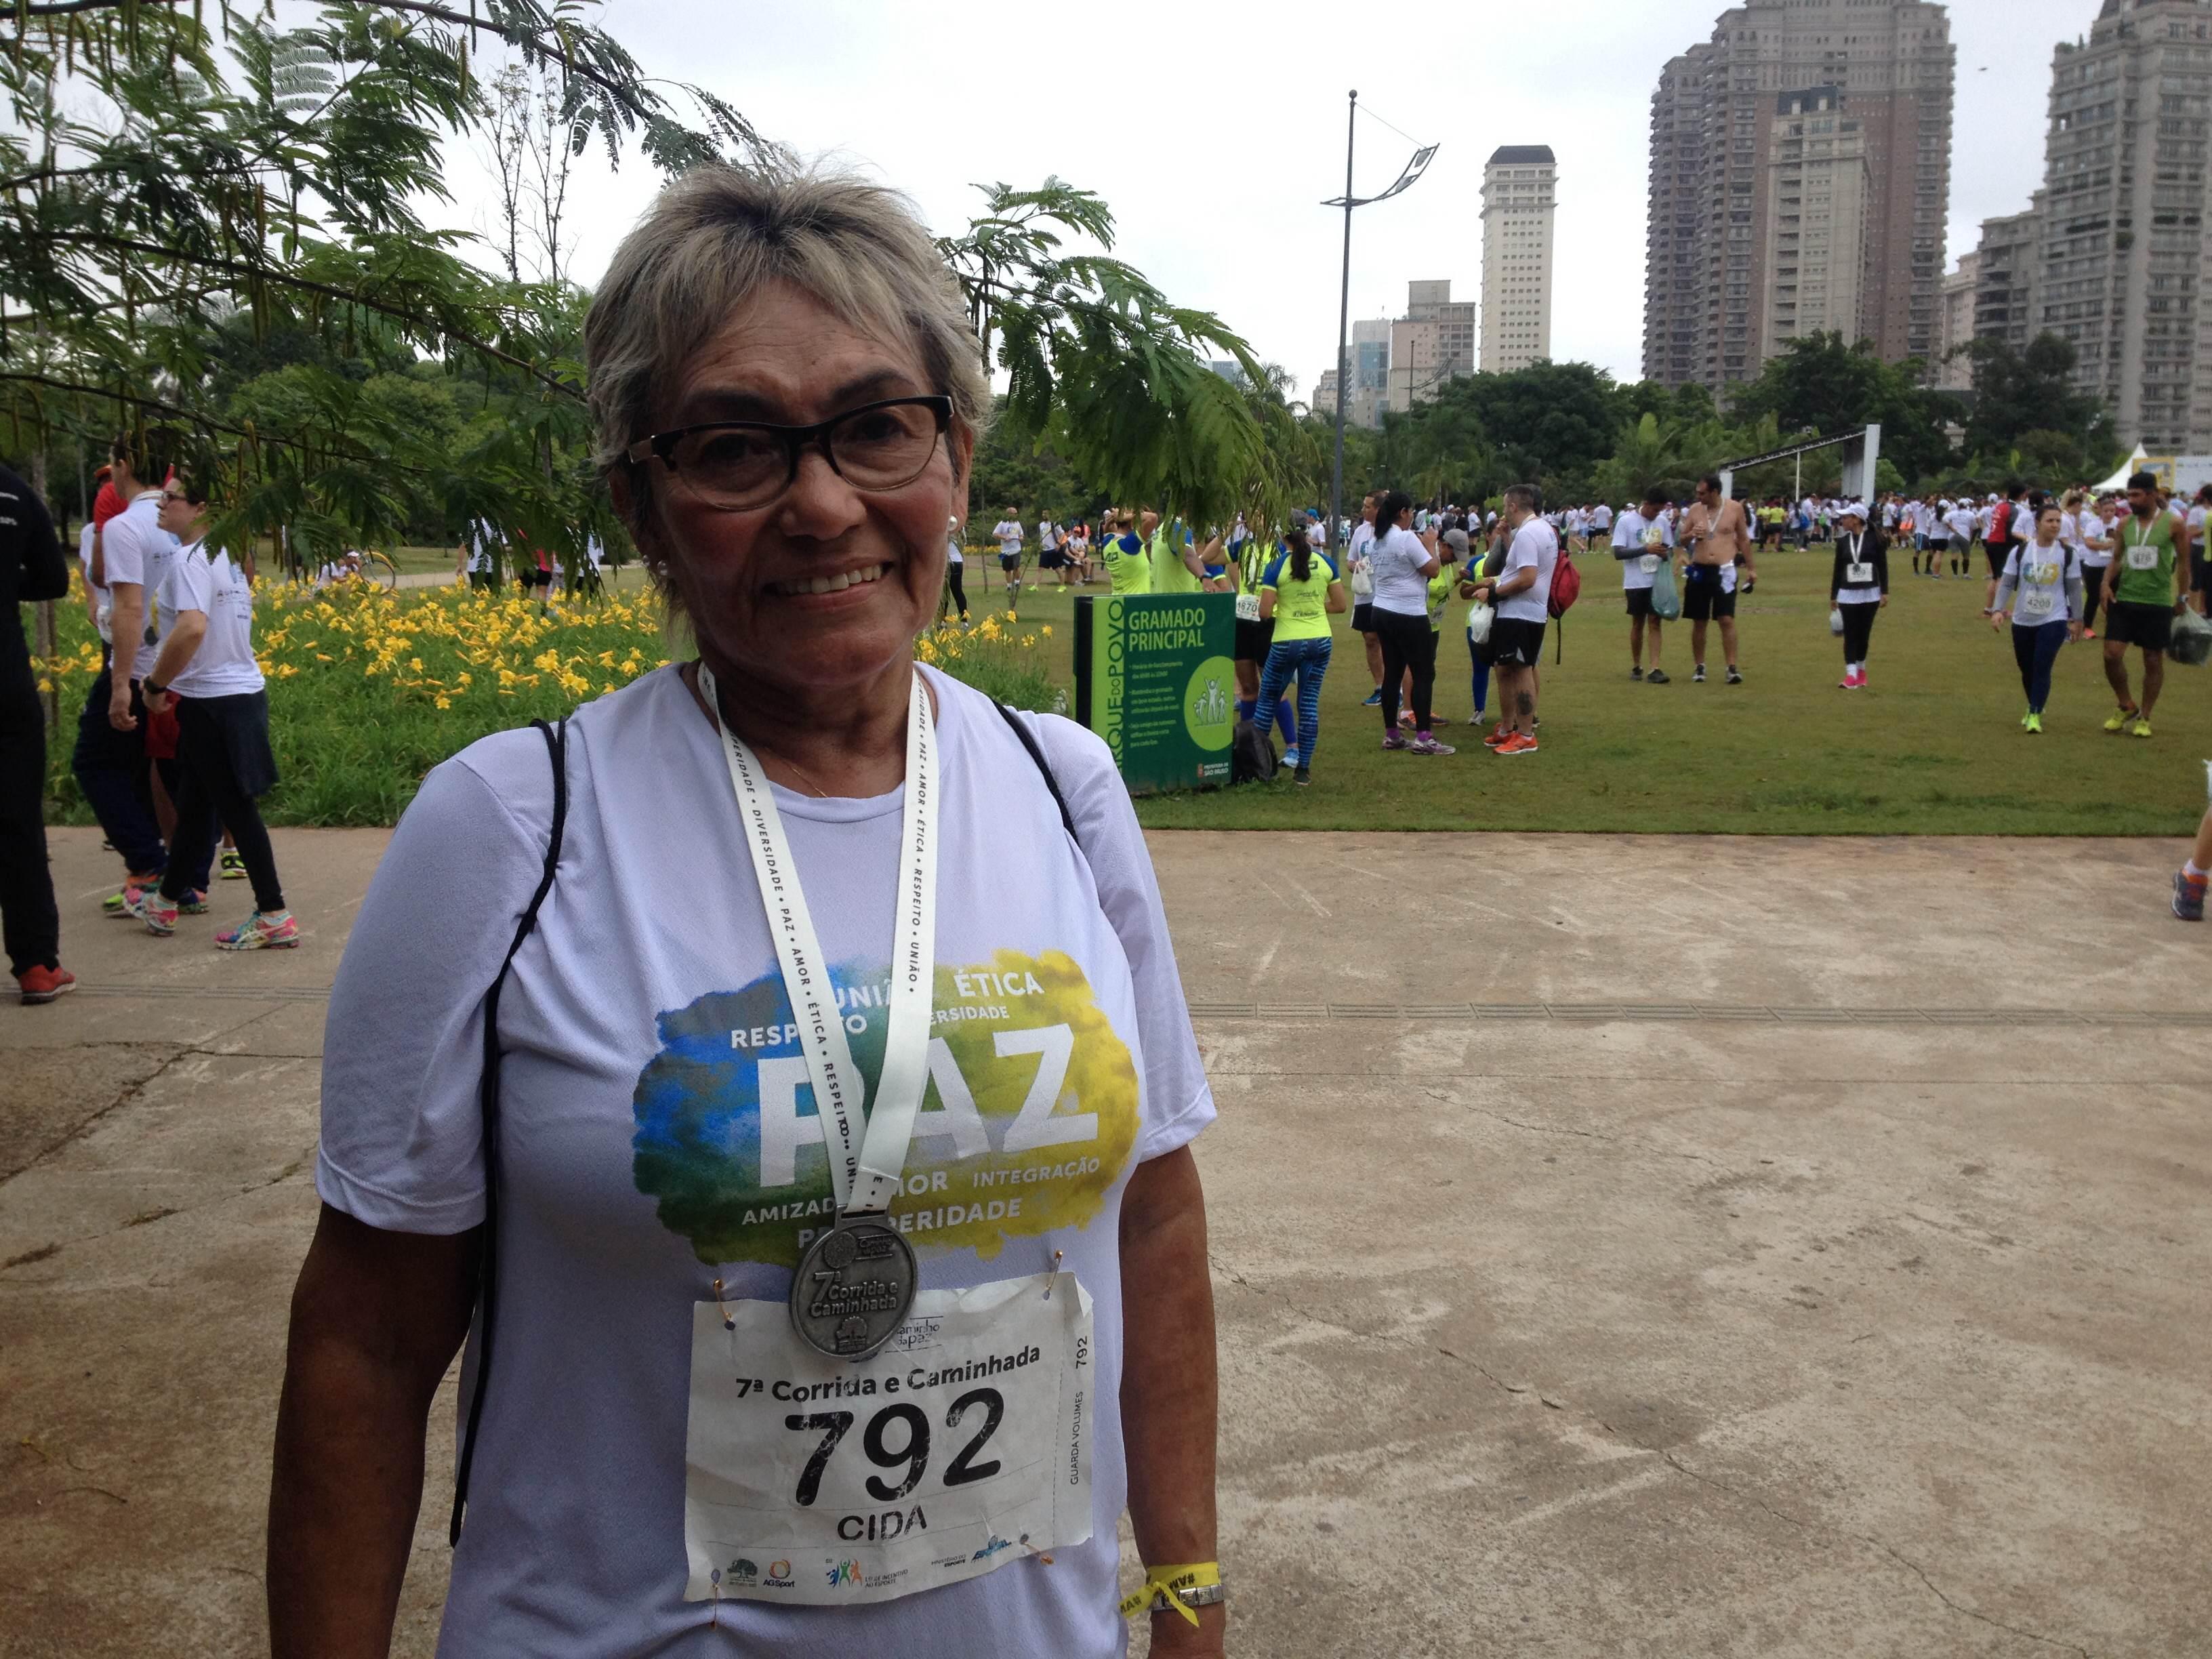 Cida Freitas, de 62 anos, estreou no Caminho da Paz neste domingo